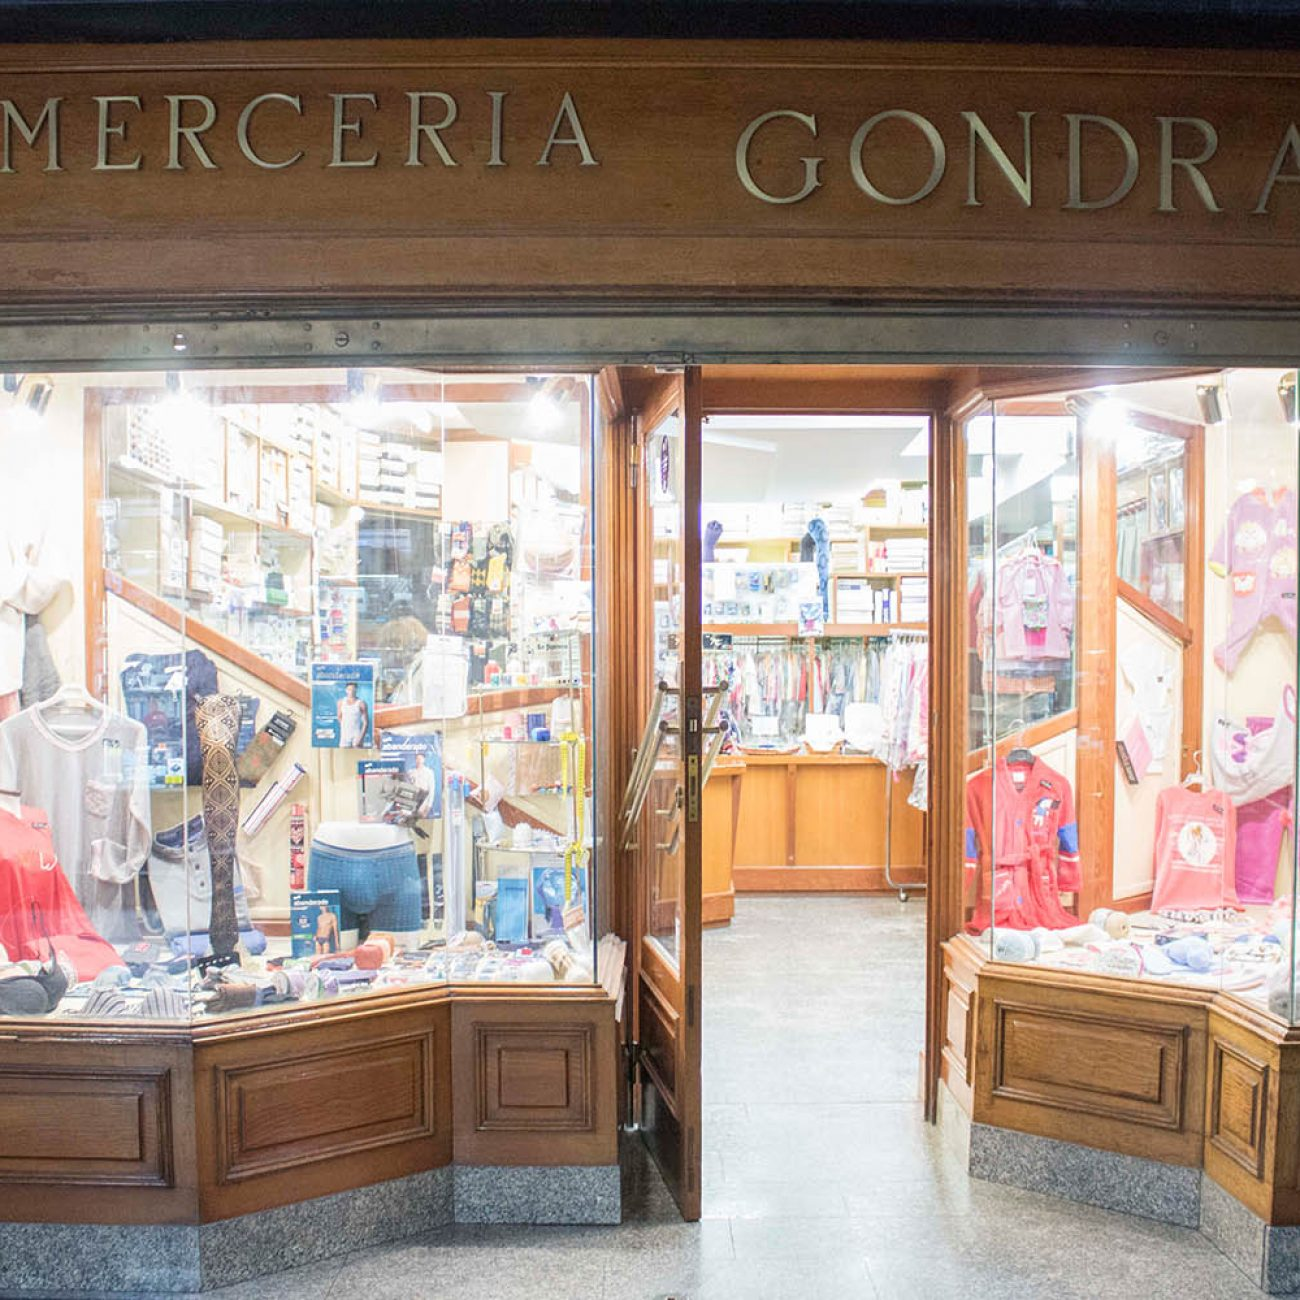 MERCERÍA GONDRA